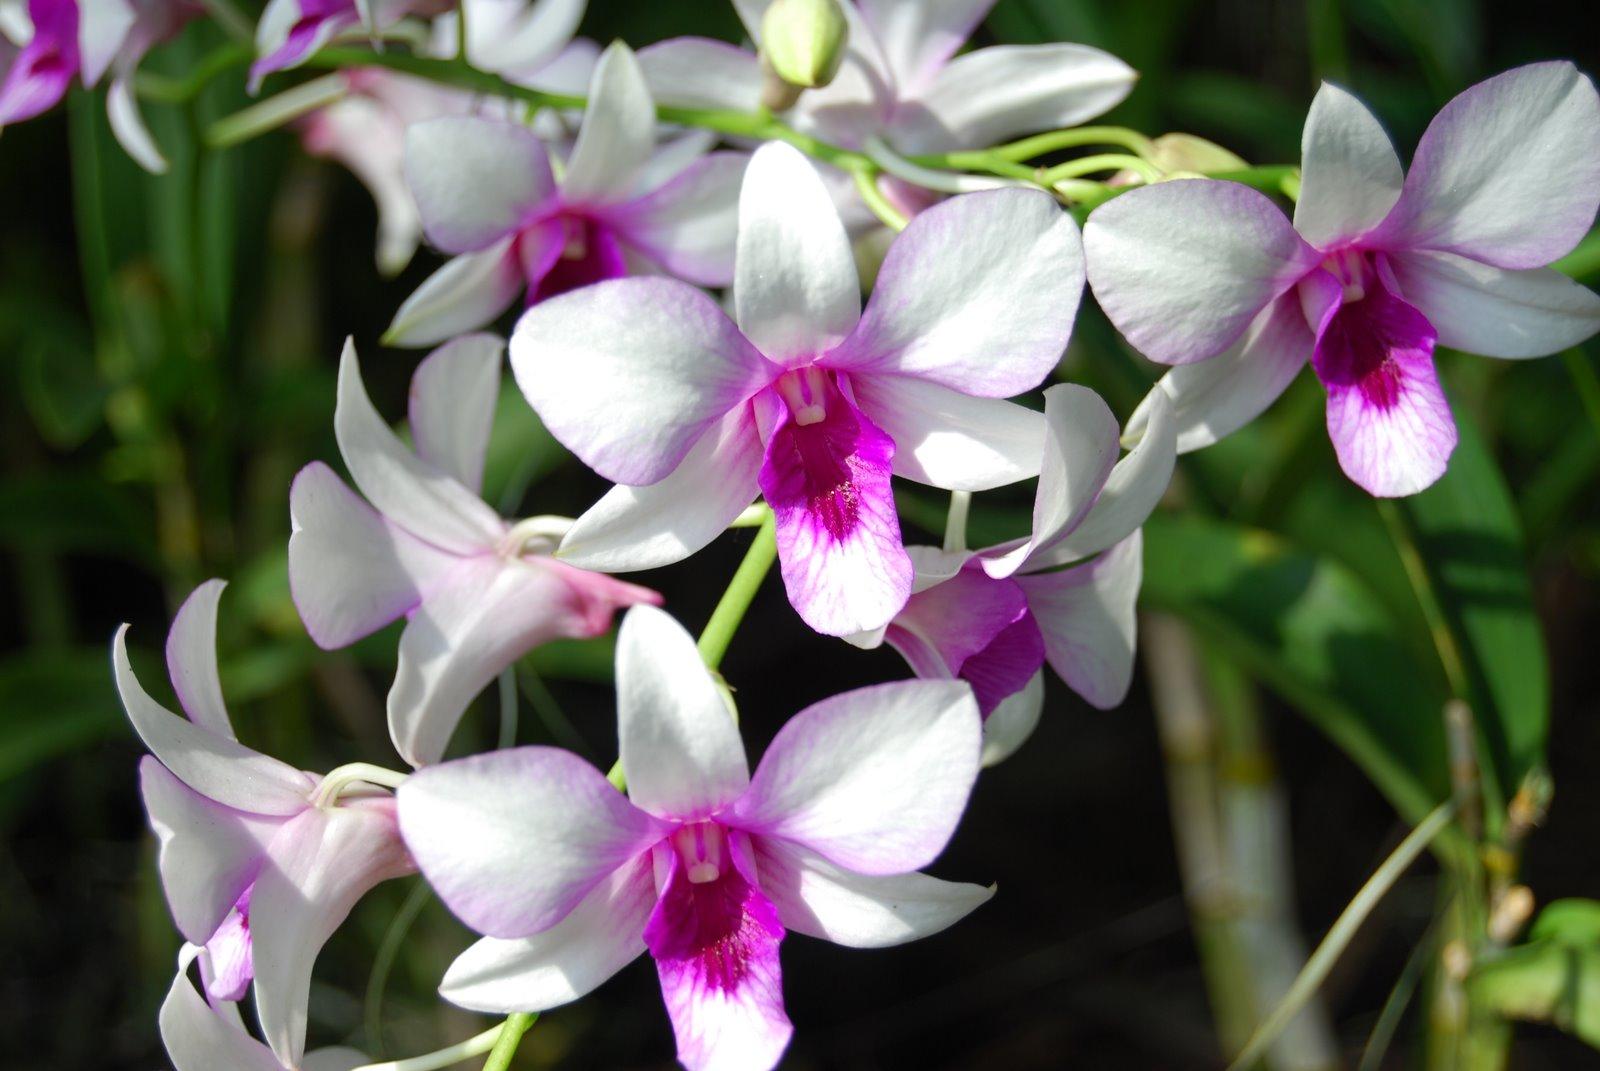 http://3.bp.blogspot.com/_6Ks7mquN8BQ/TN0GschCybI/AAAAAAAAAbs/xSJjApGwZZ4/s1600/Orchid_i.JPG